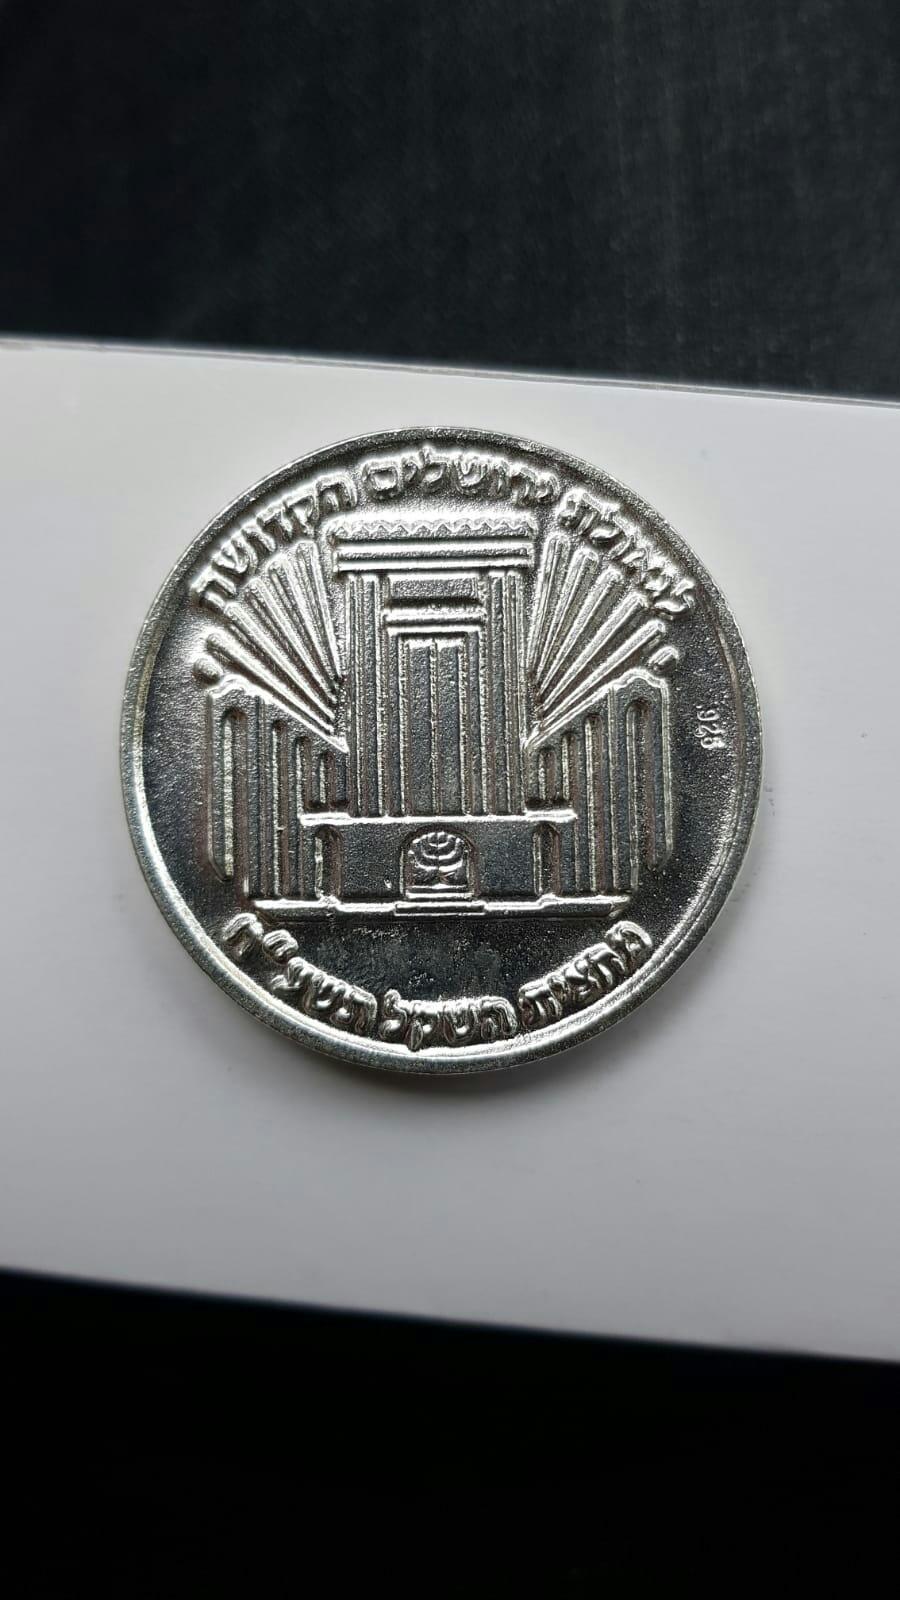 SOLID SILVER ORIGINAL TRUMP COIN